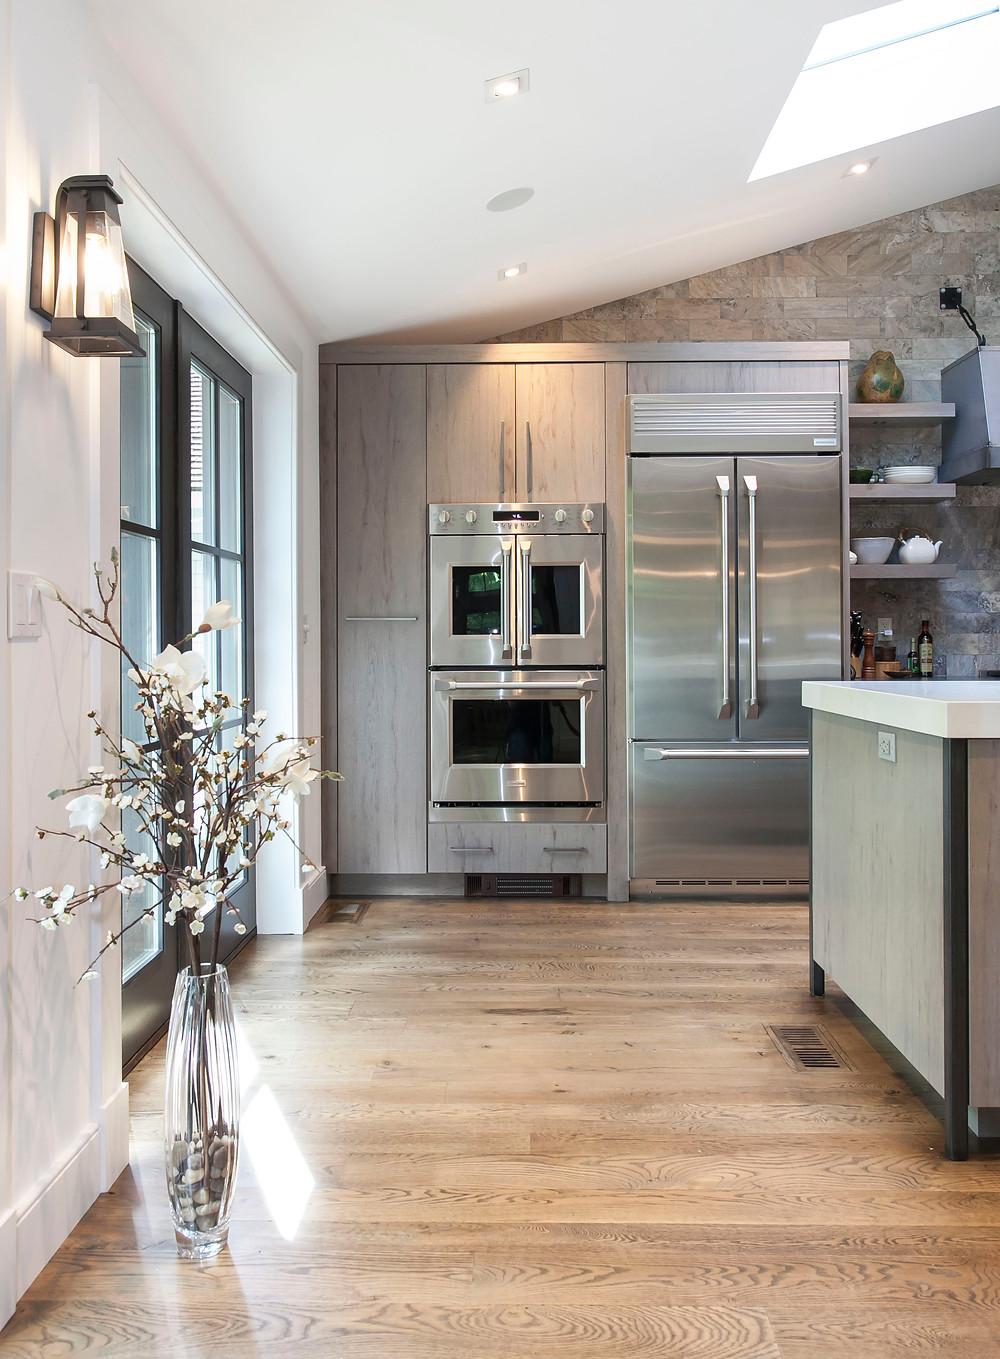 Monogram appliances in contemporary kitchen